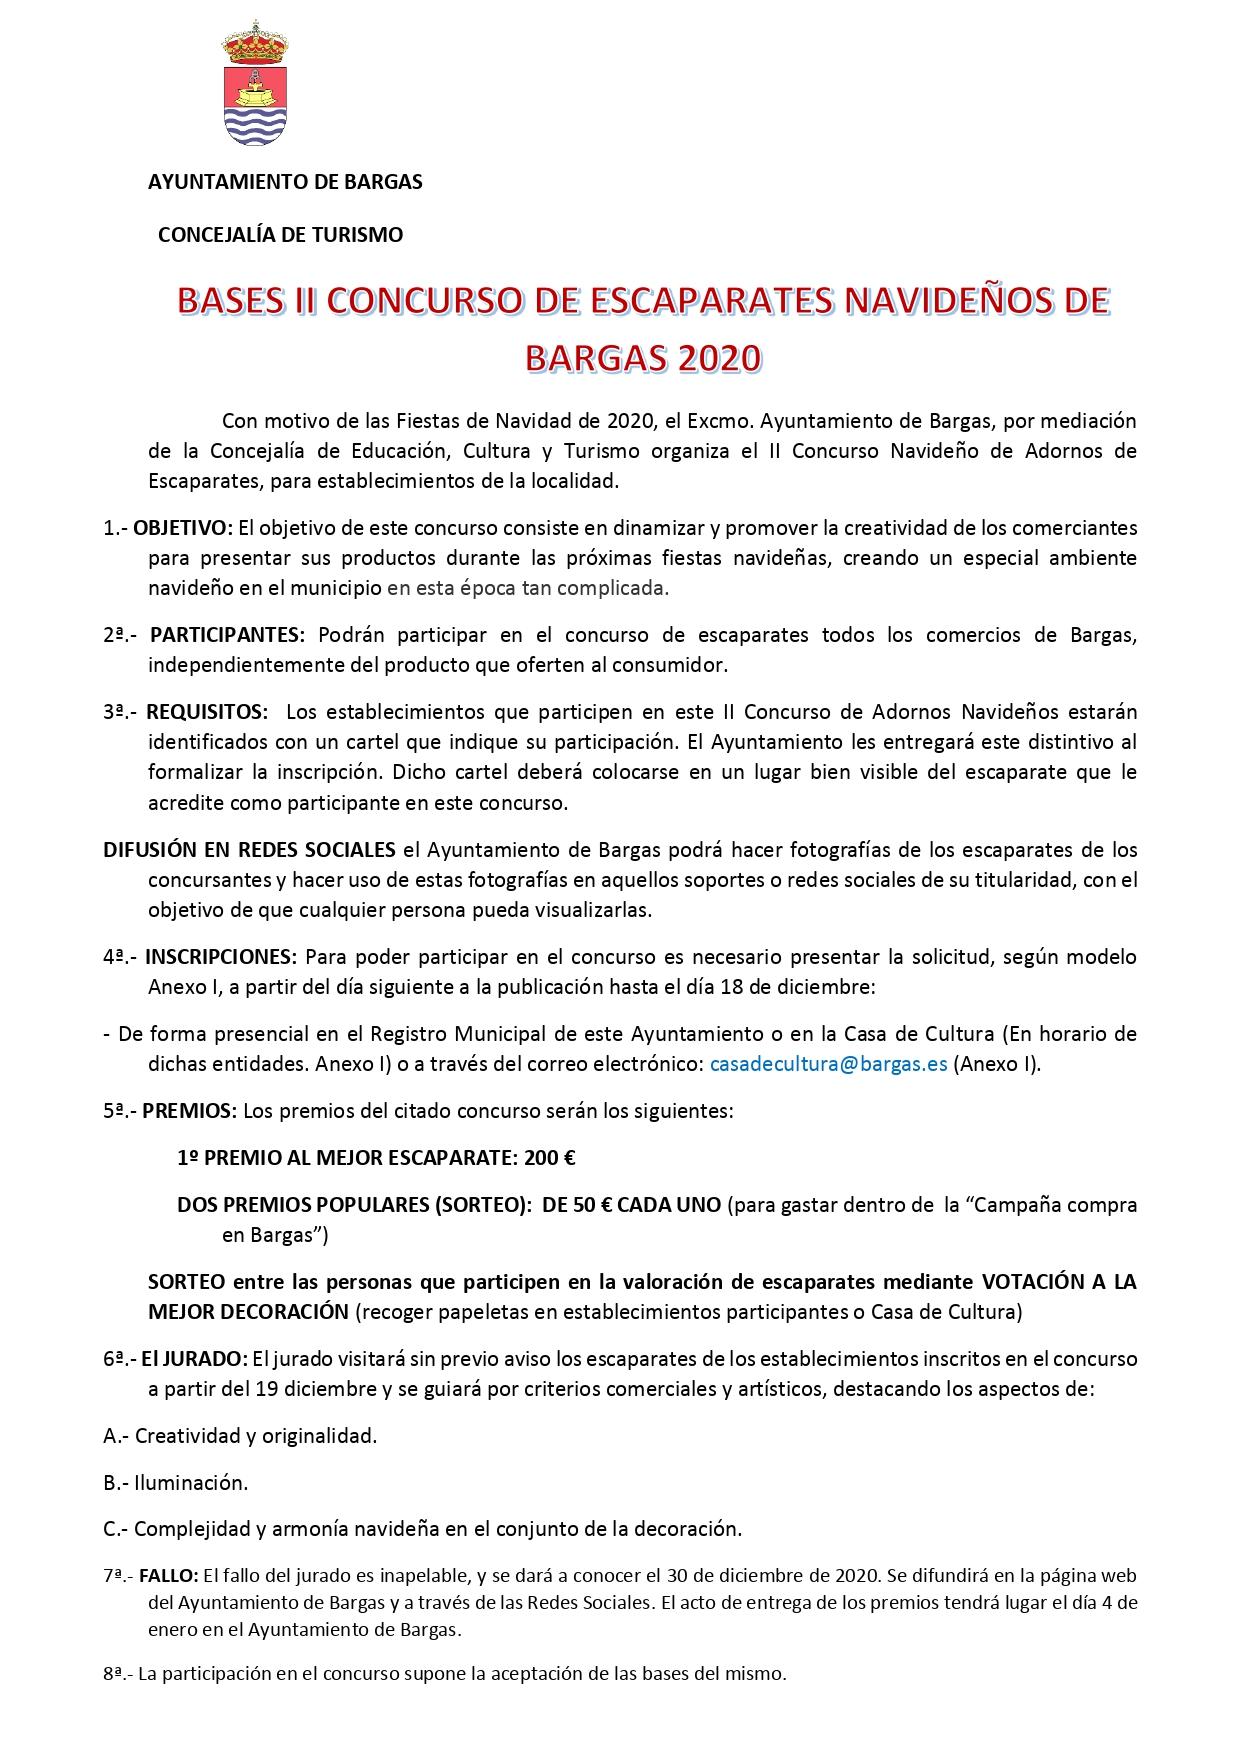 Bases del 2º Concurso de Escaparates Navideños 2020